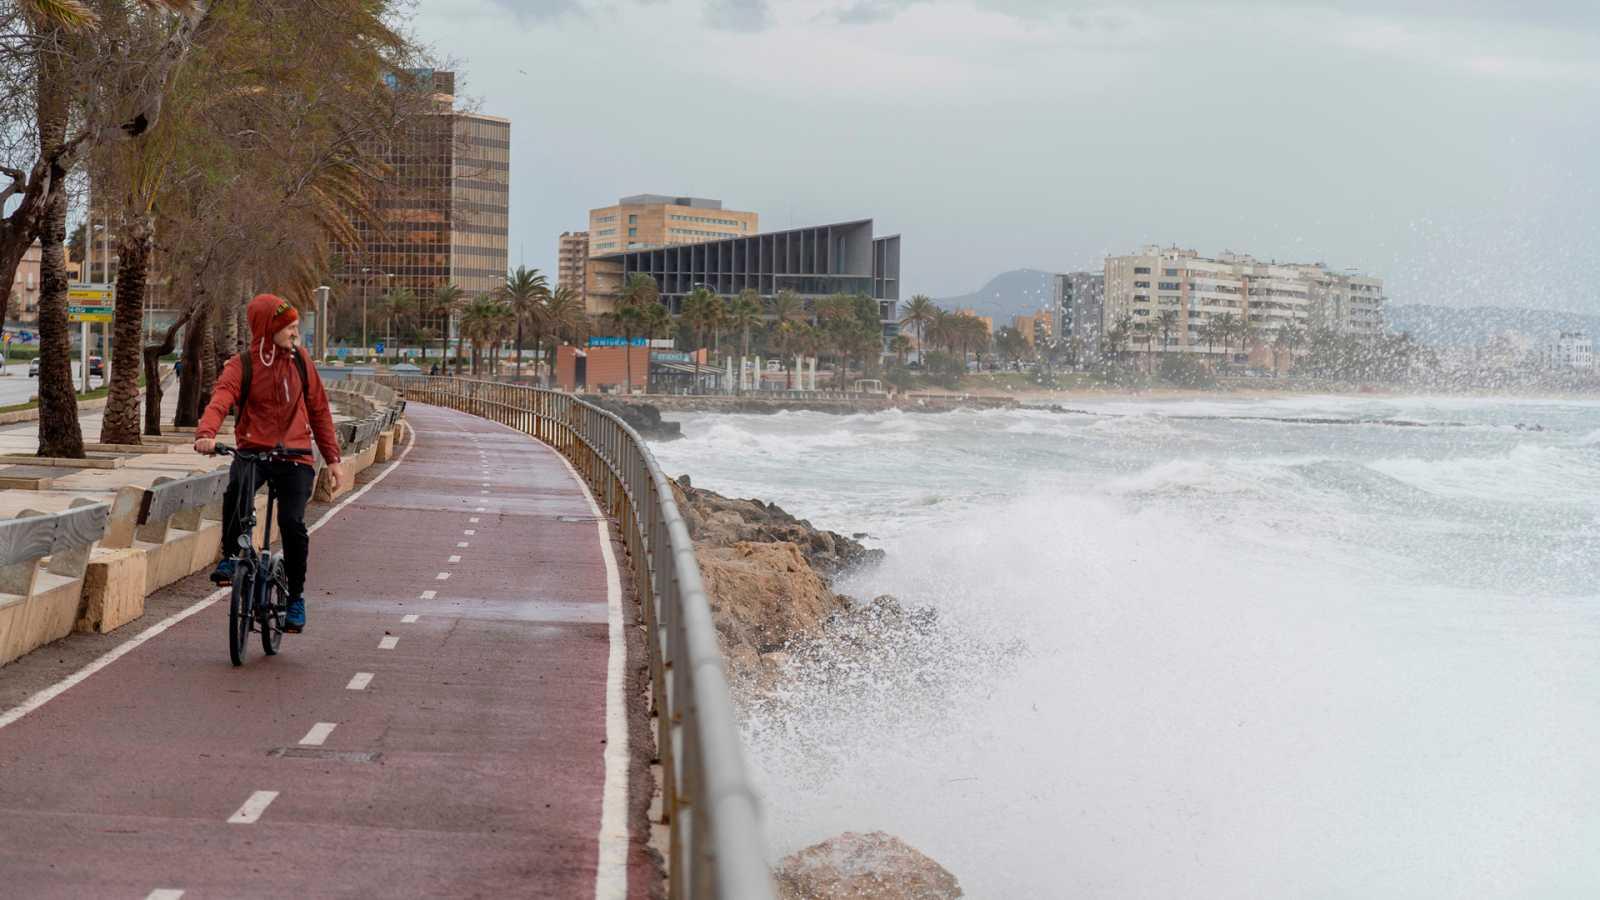 La borrasca Karine activa la alerta naranja en Baleares y el Puerto de Navacerrada